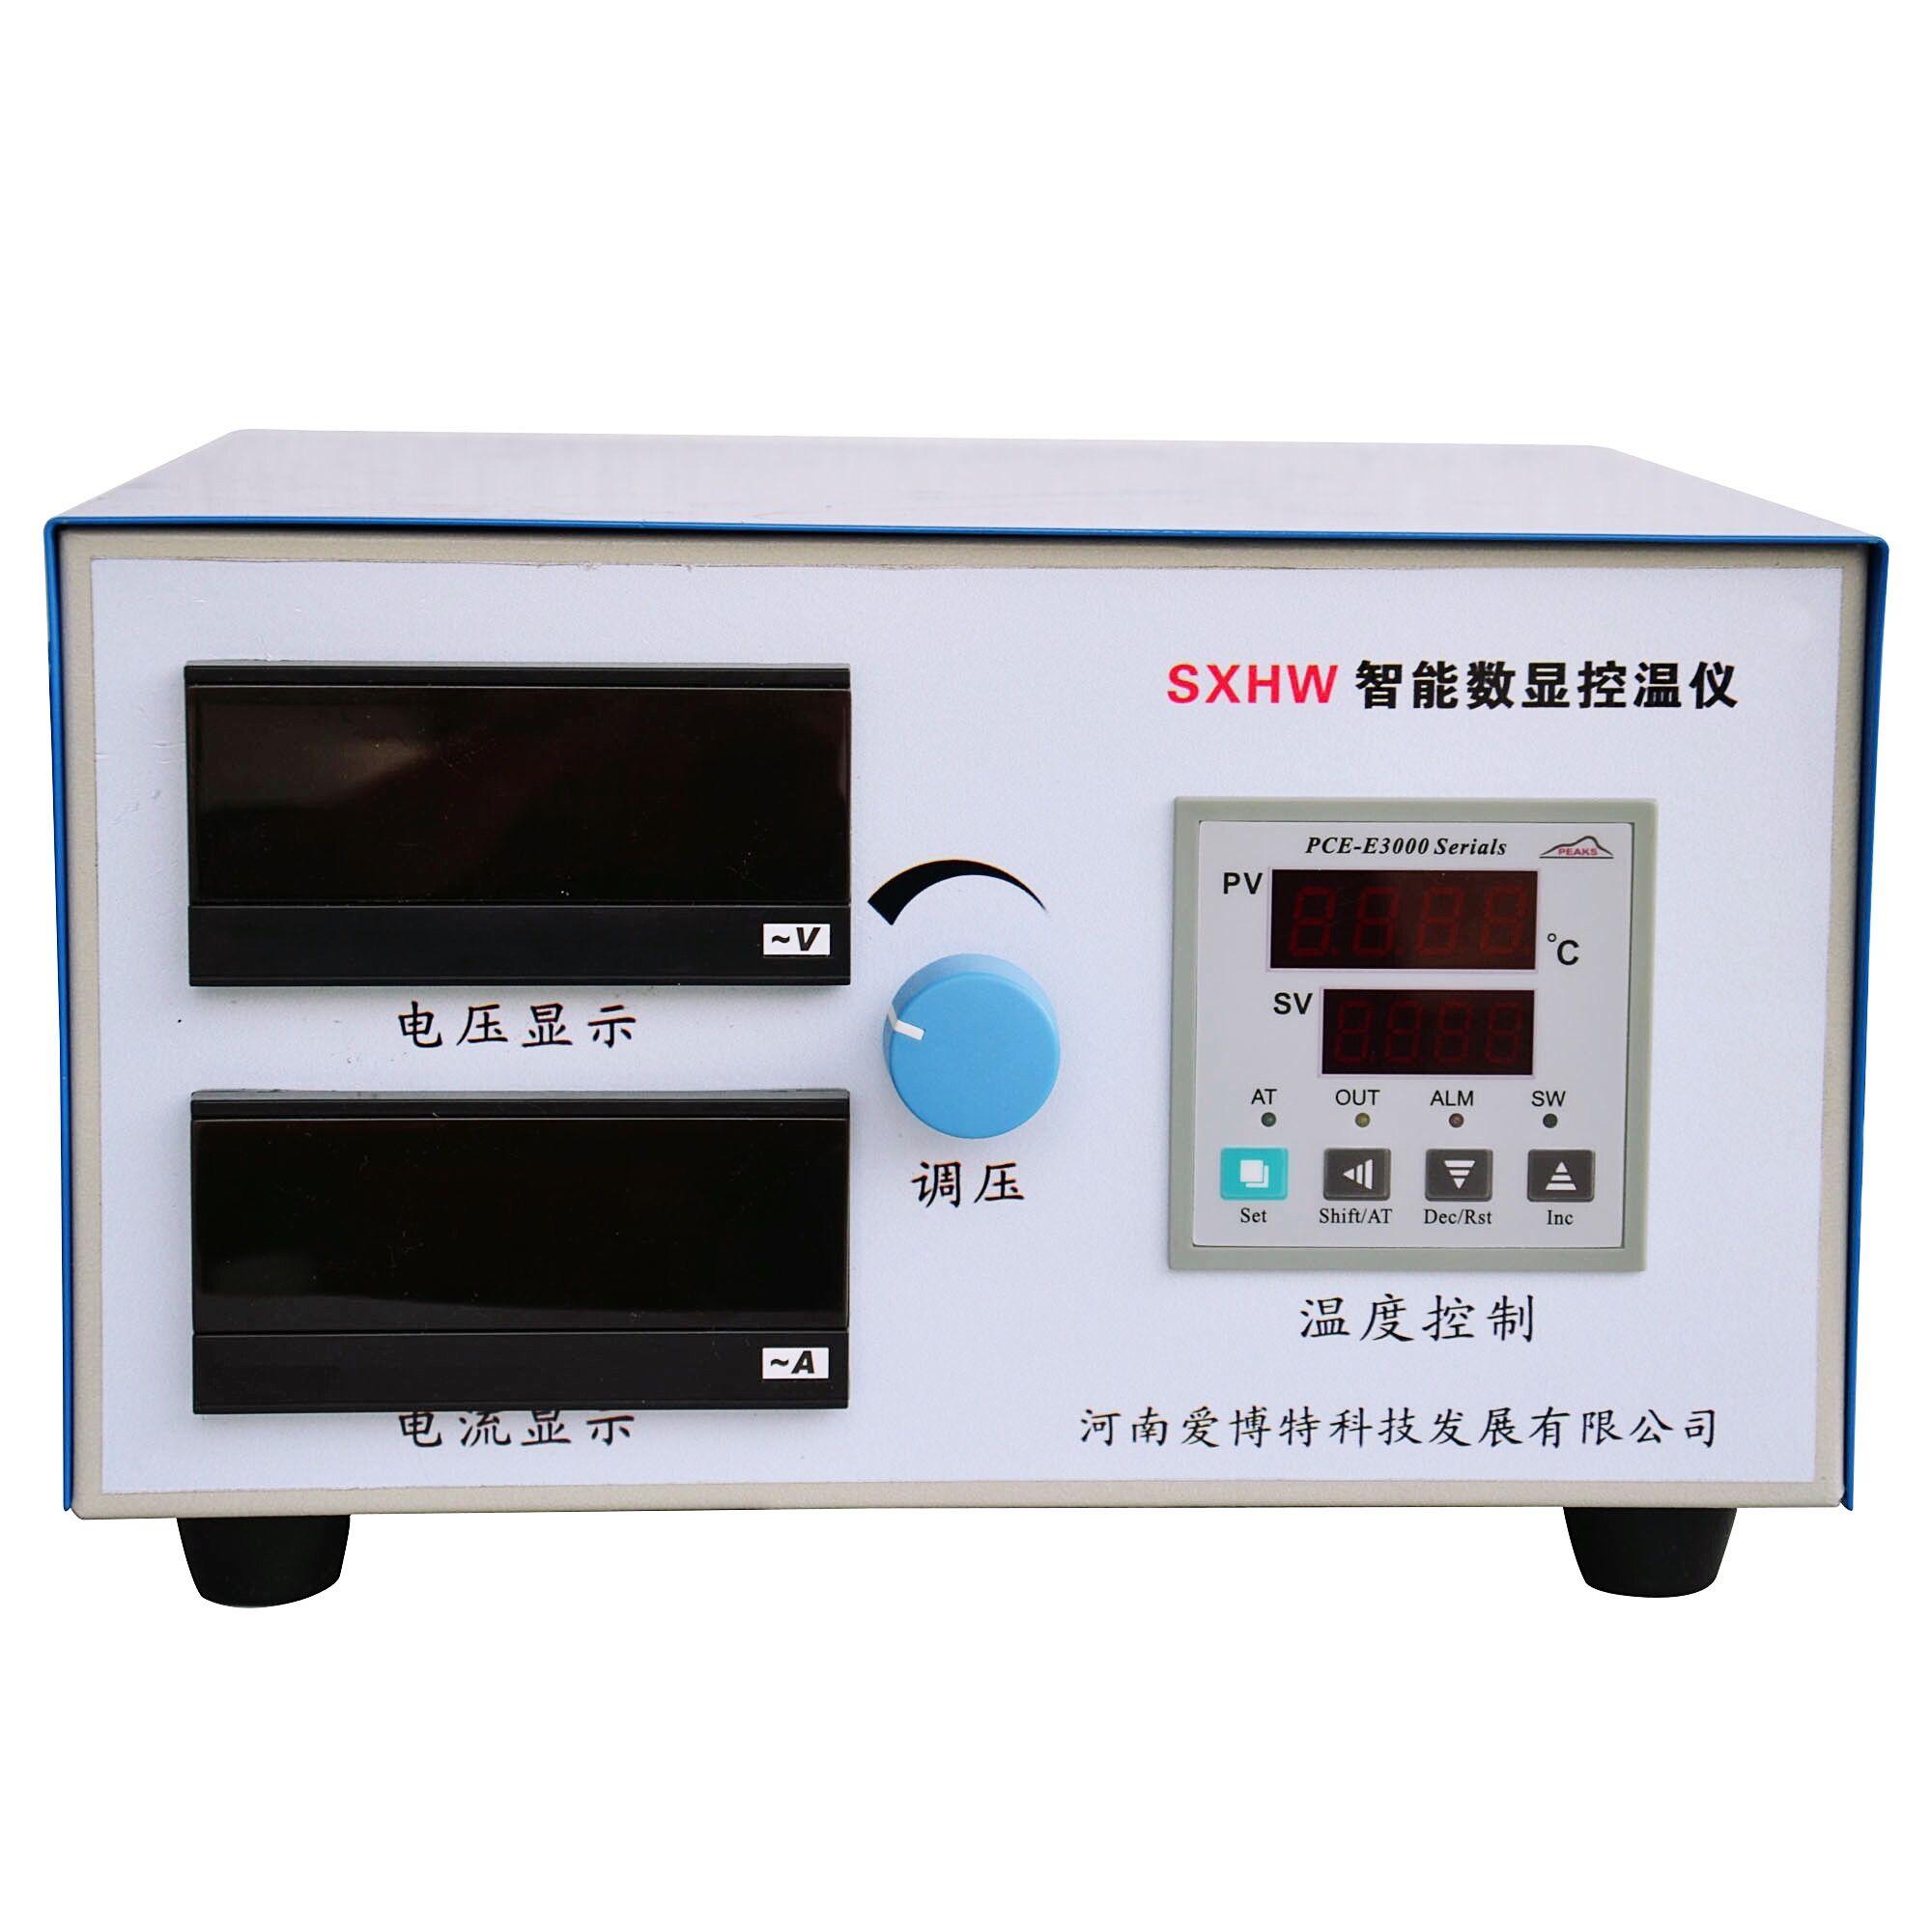 SXHW型